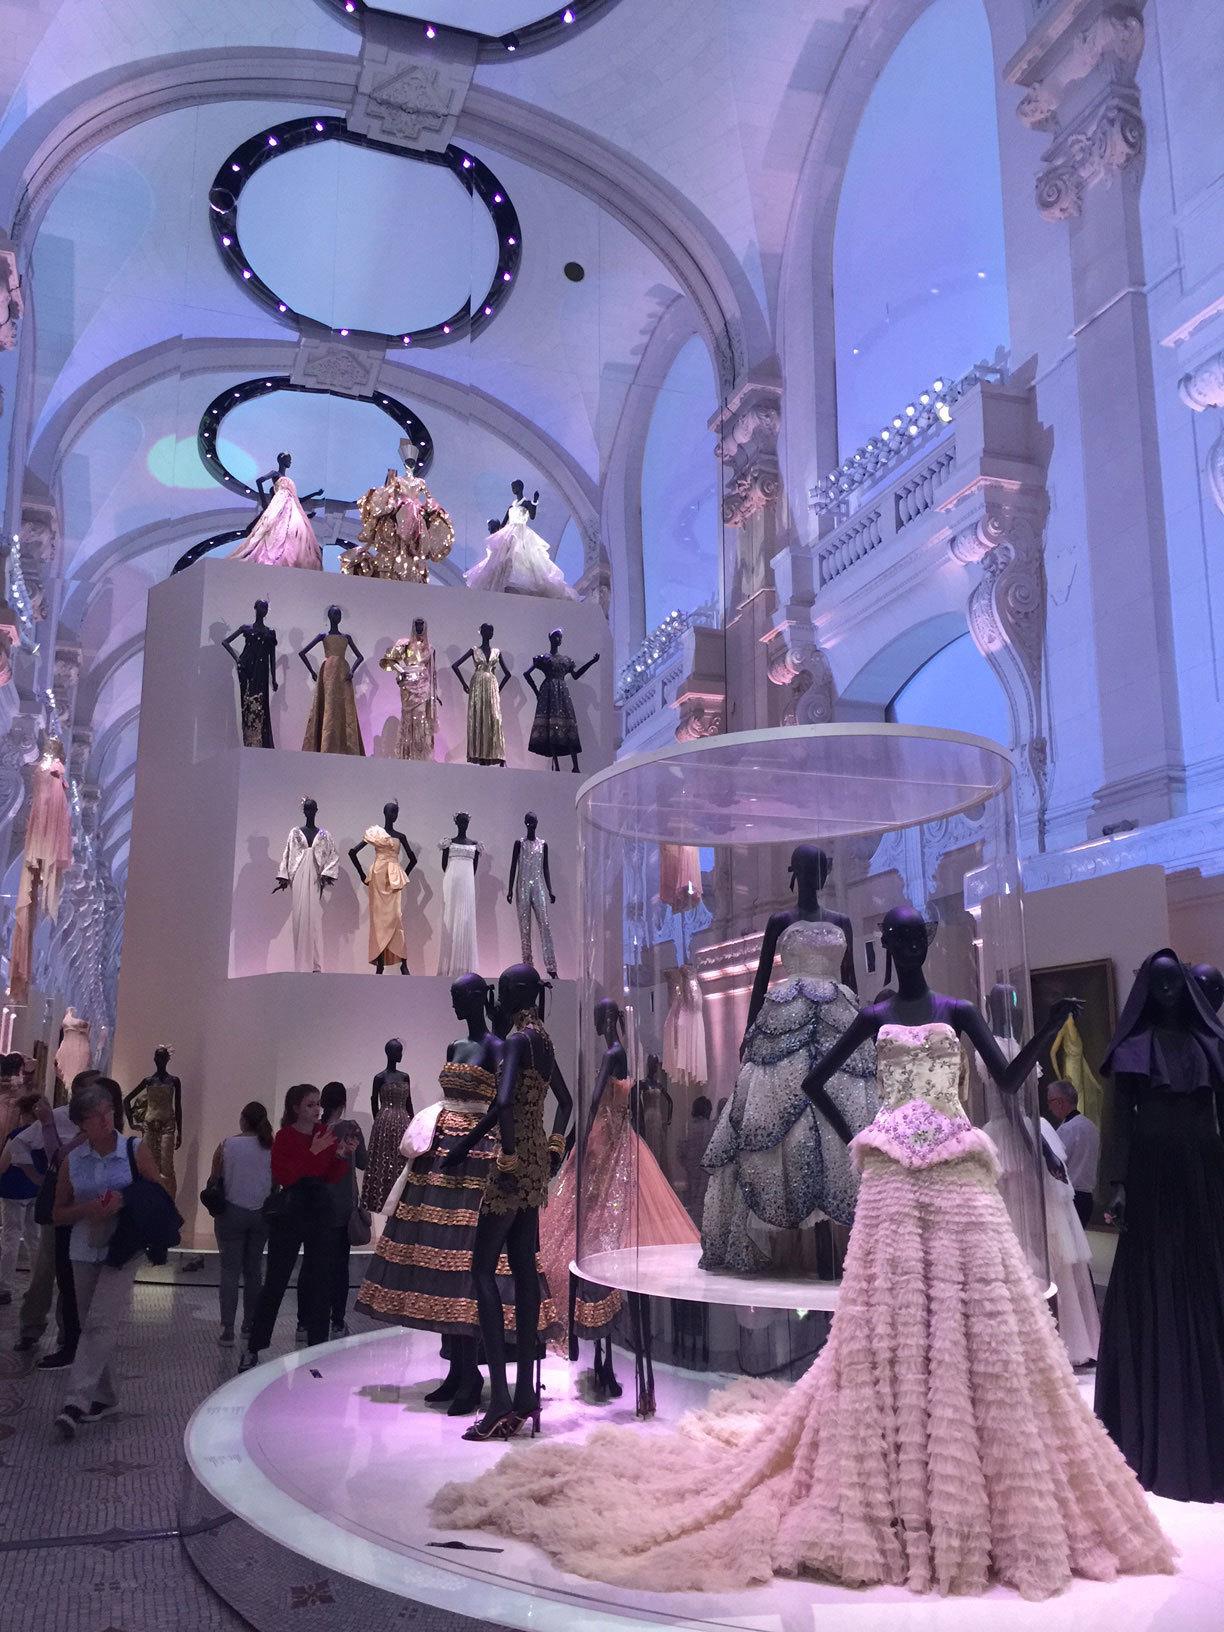 Exposición de Dior en el Musée des Arts Décoratifs.